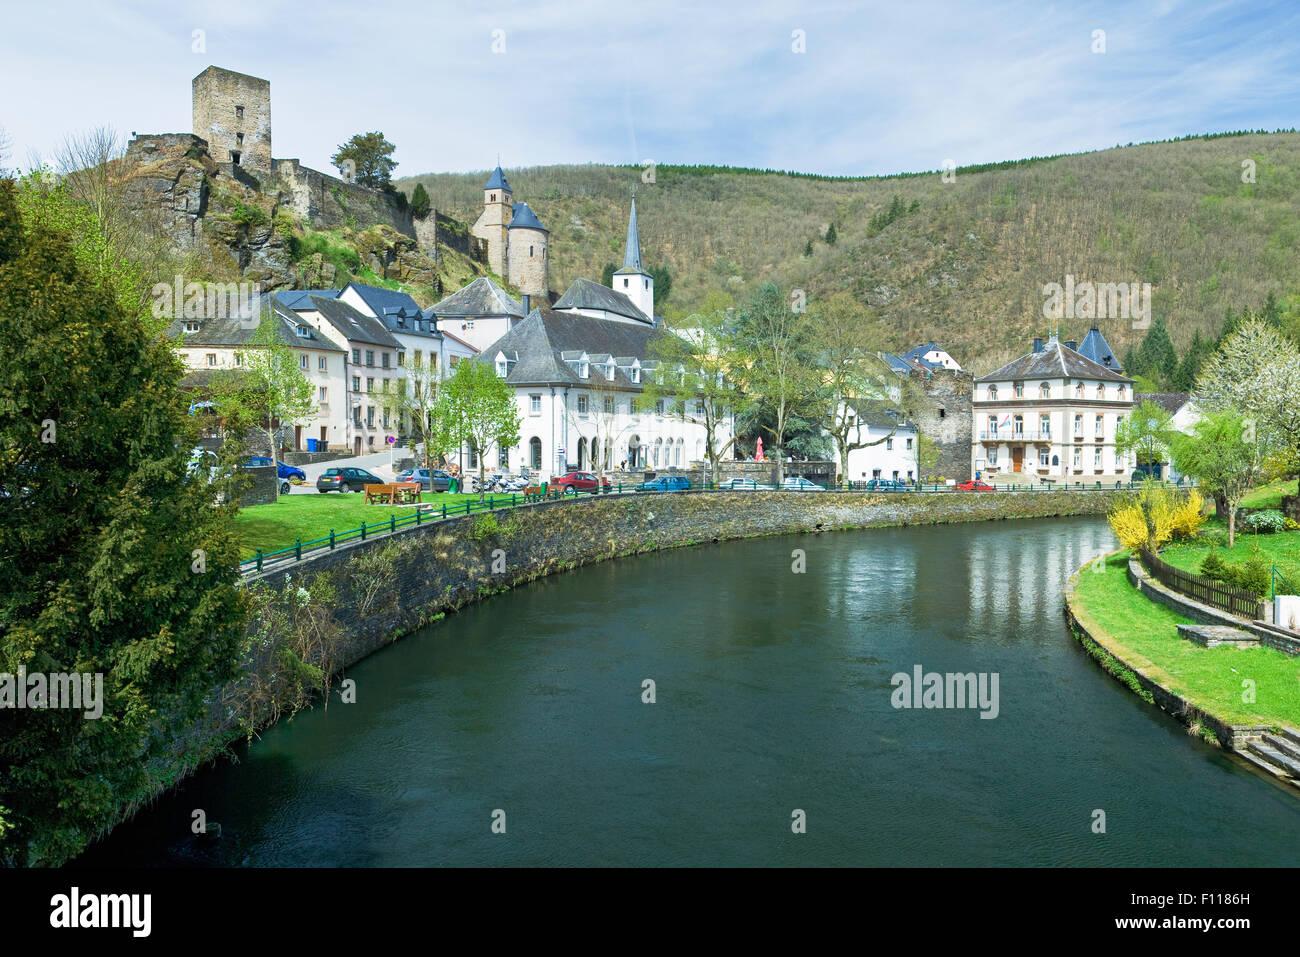 Le petit village de Esch-sur-Sûre sur les rives de la rivière sûr dans les Ardennes en Luxembourg Photo Stock